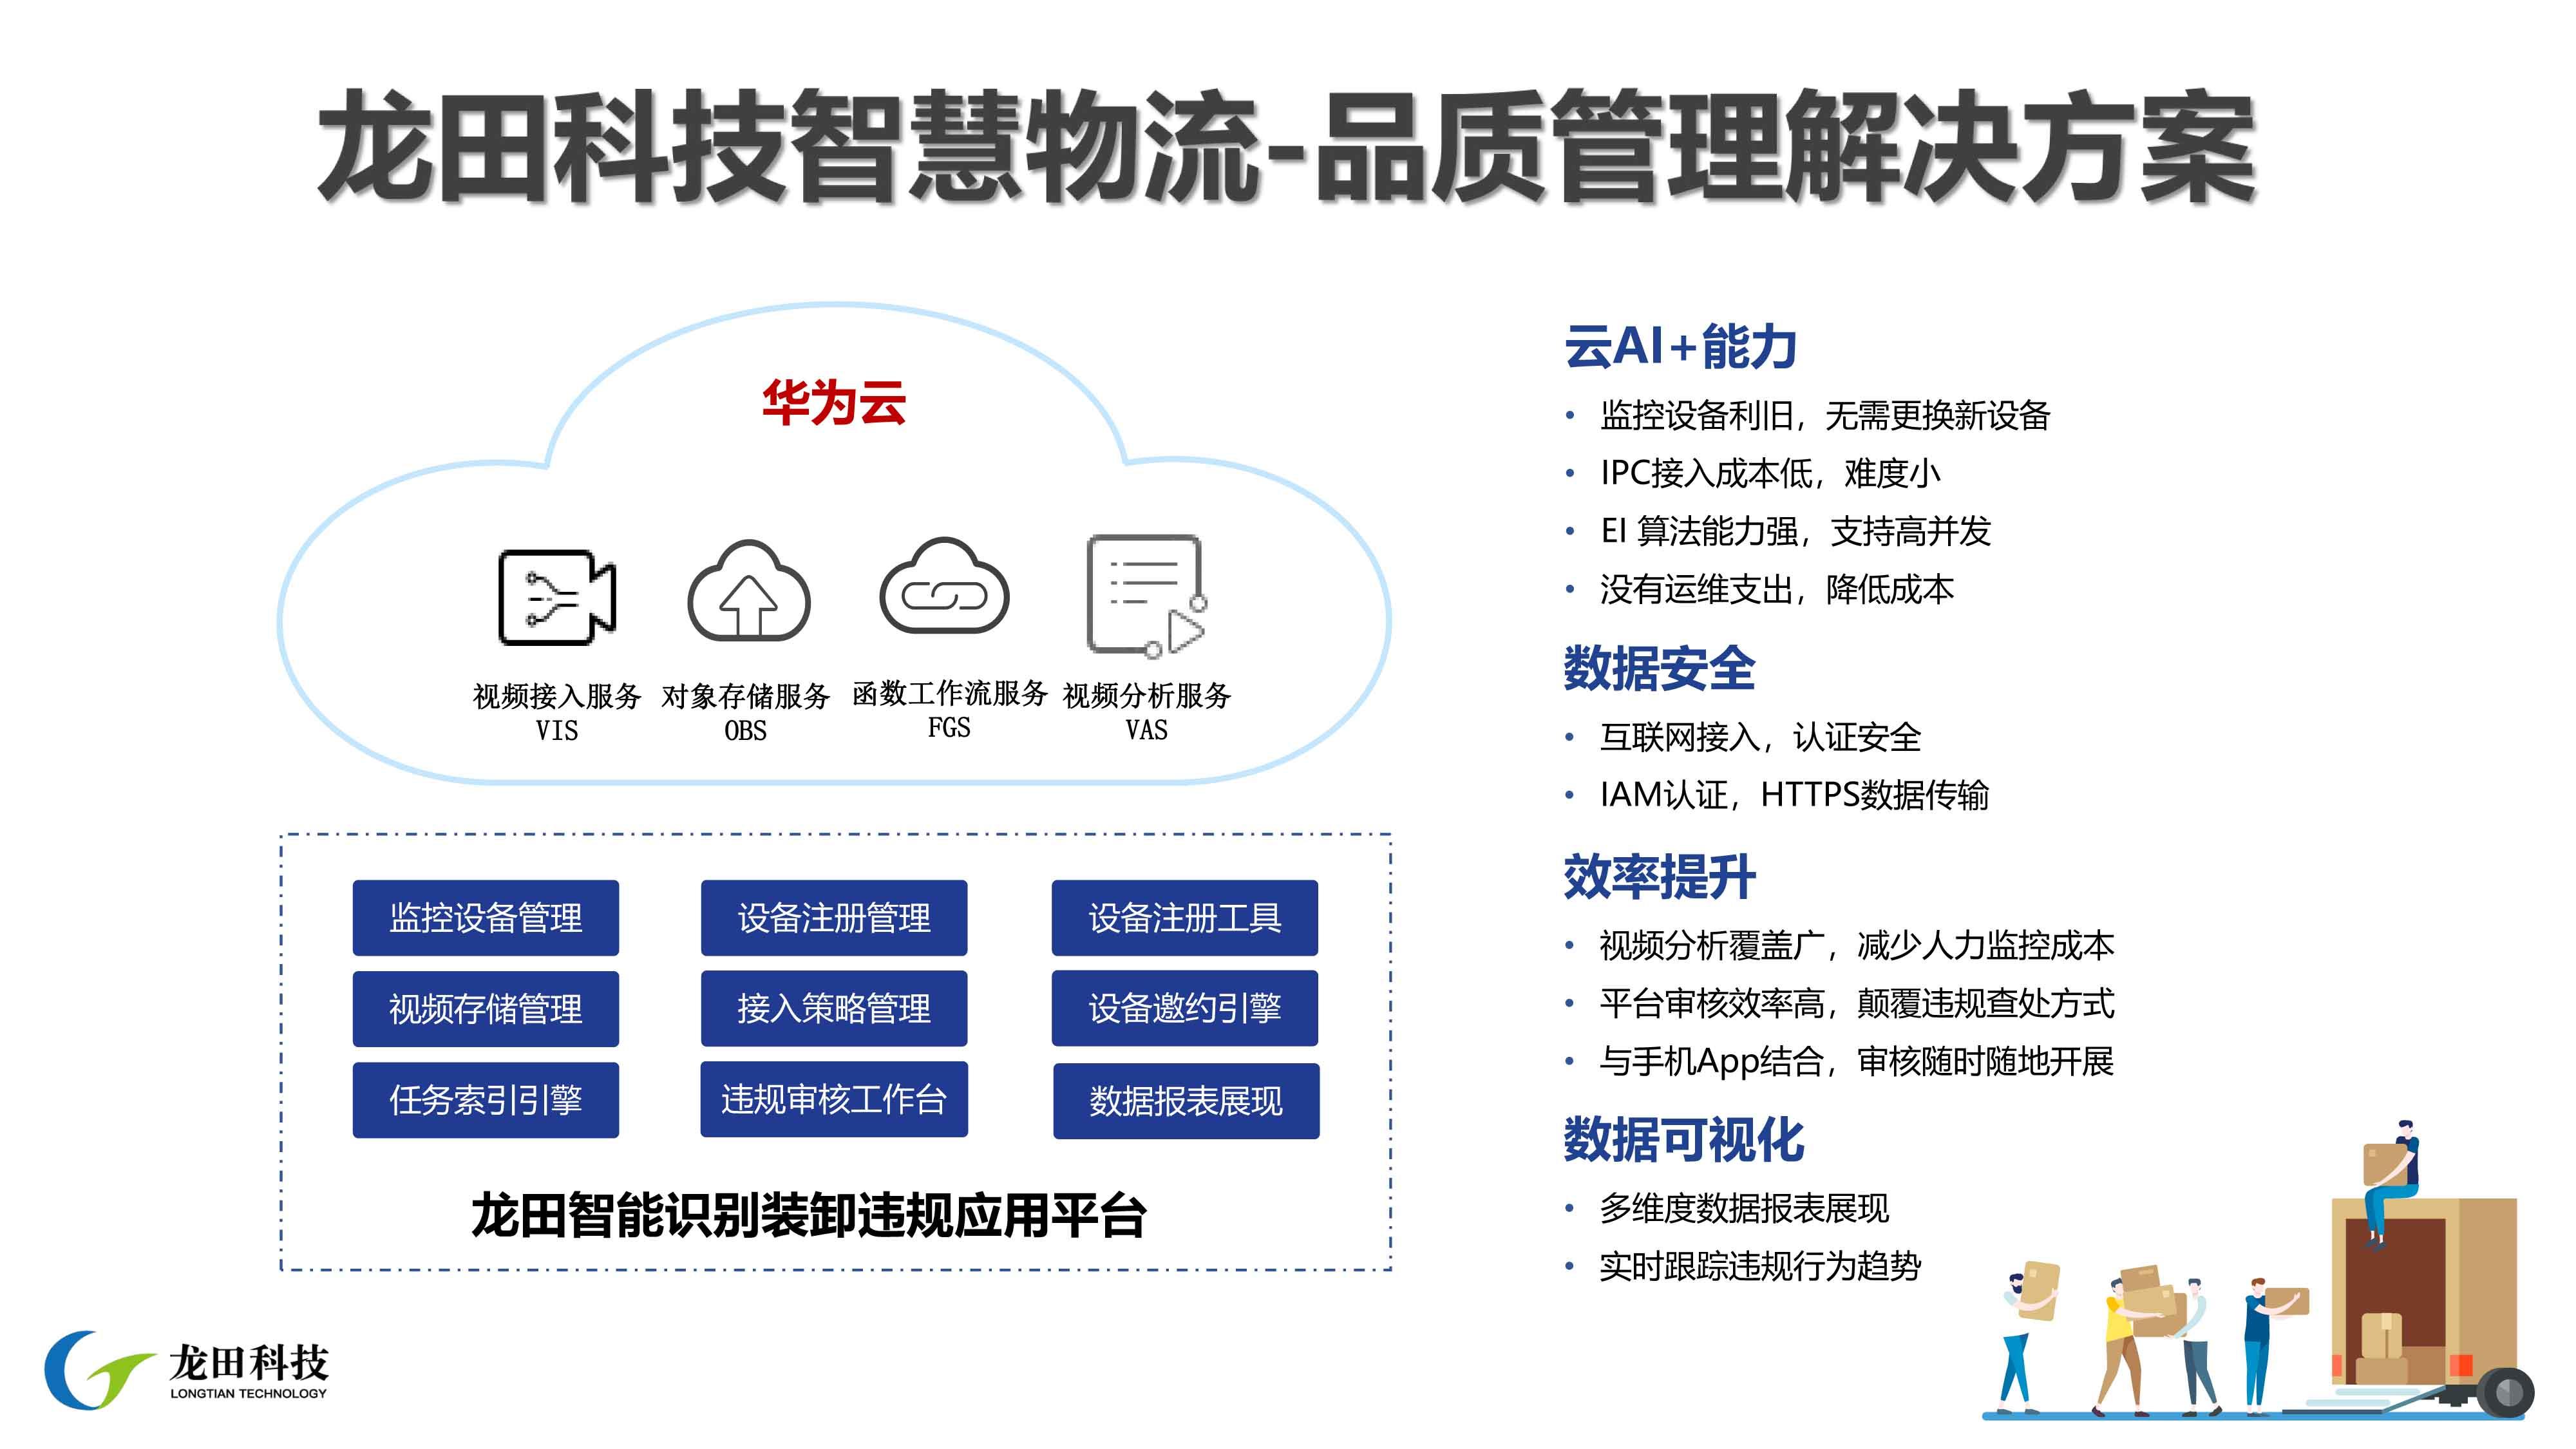 龙田科技智慧物流-品质管理解决方案集成服务